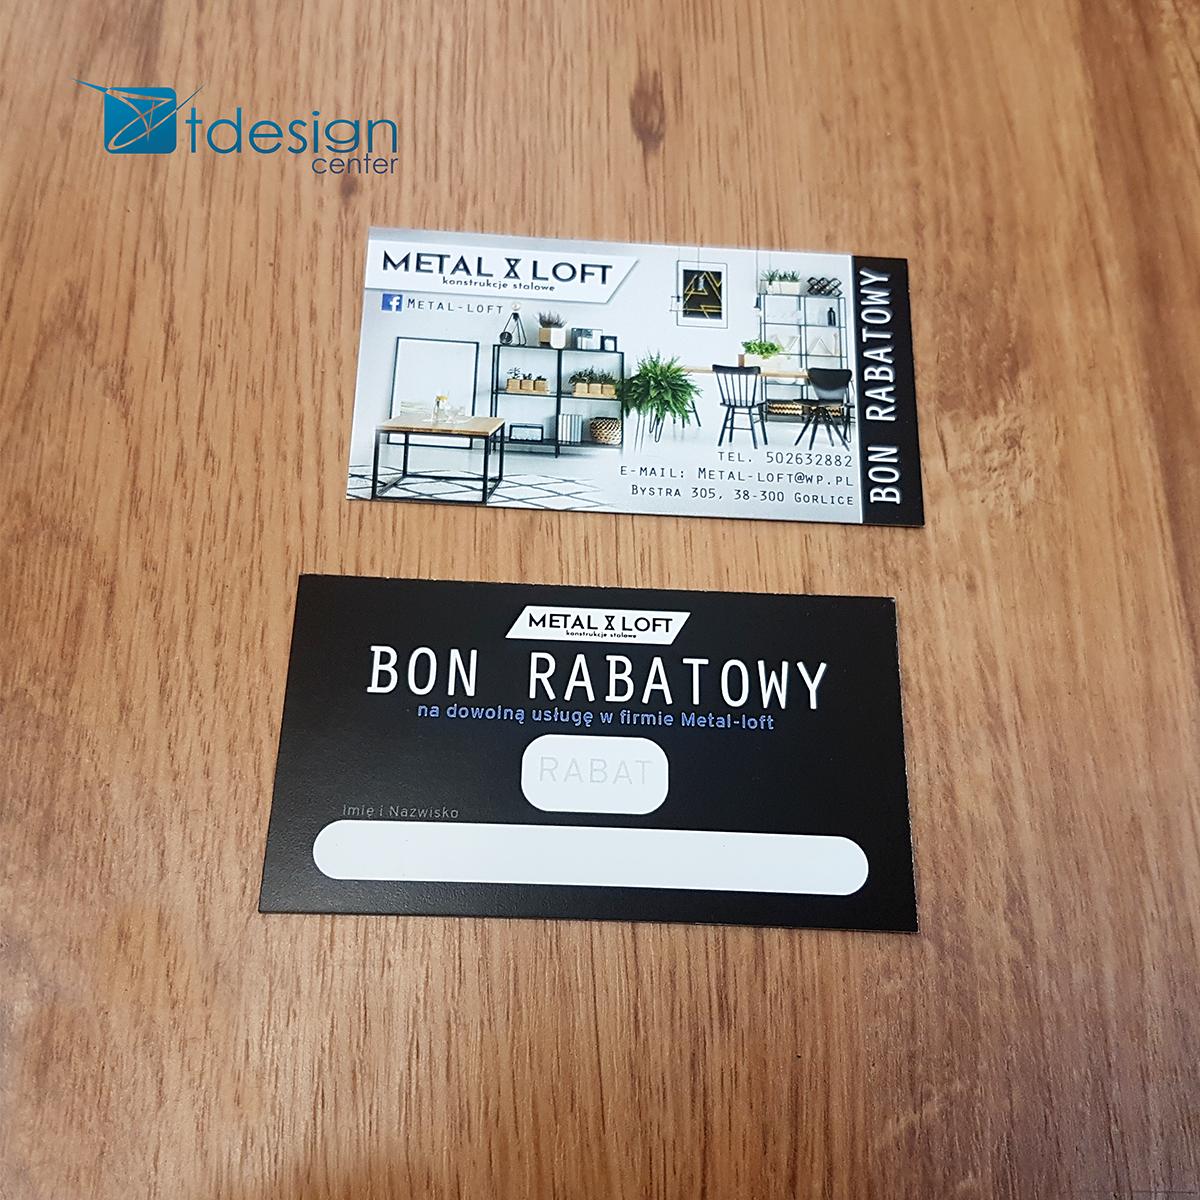 Wizytówki/Bony 90x50mm - projekt+druk - realizacja dla firmy Metalloft